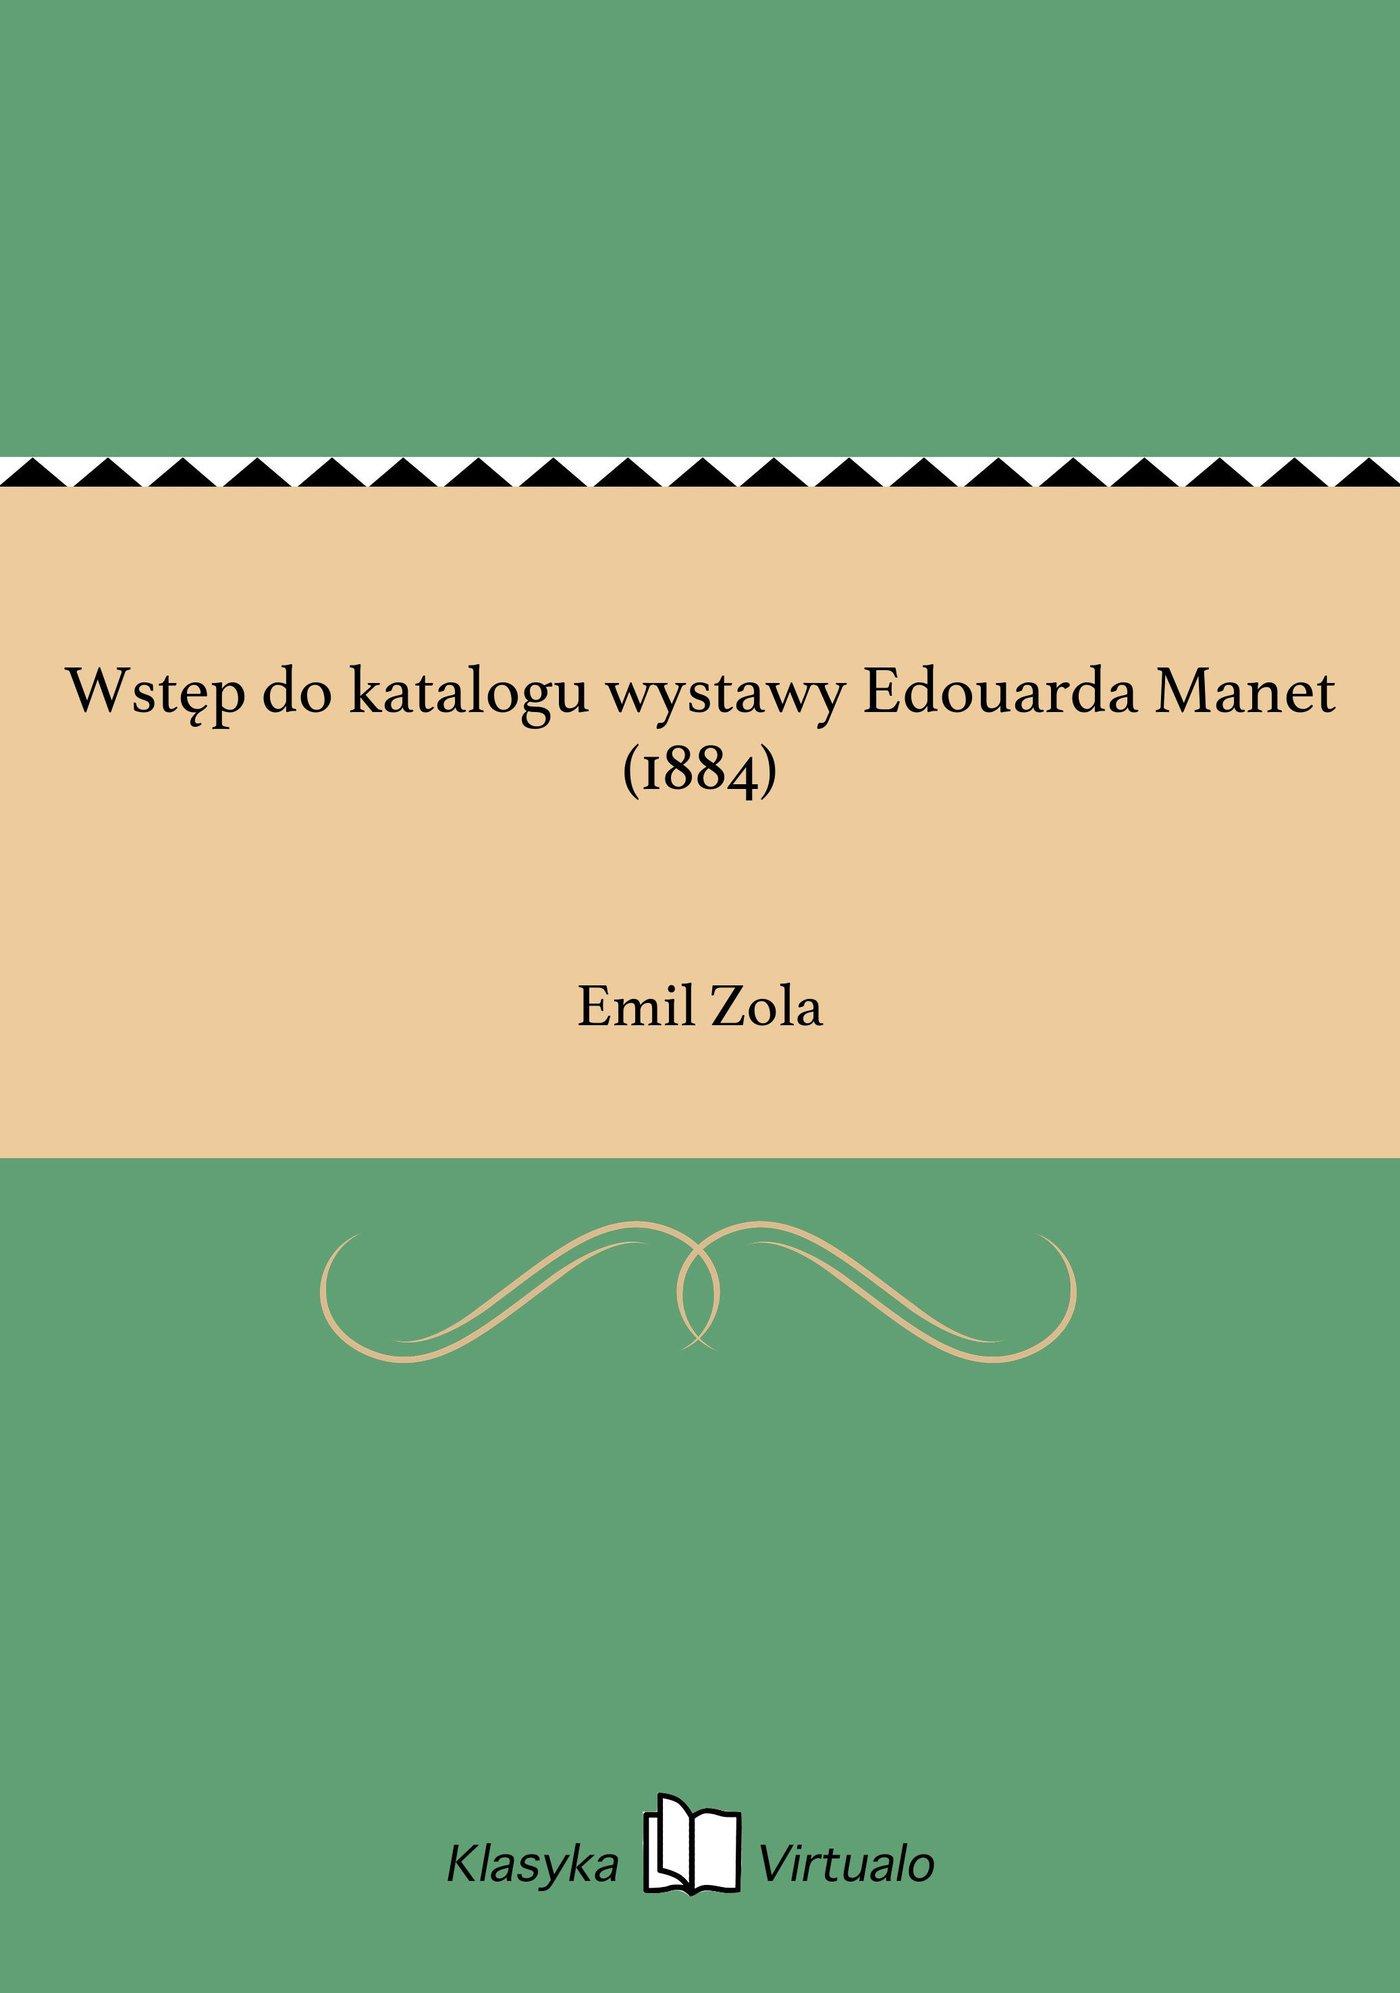 Wstęp do katalogu wystawy Edouarda Manet (1884) - Ebook (Książka EPUB) do pobrania w formacie EPUB